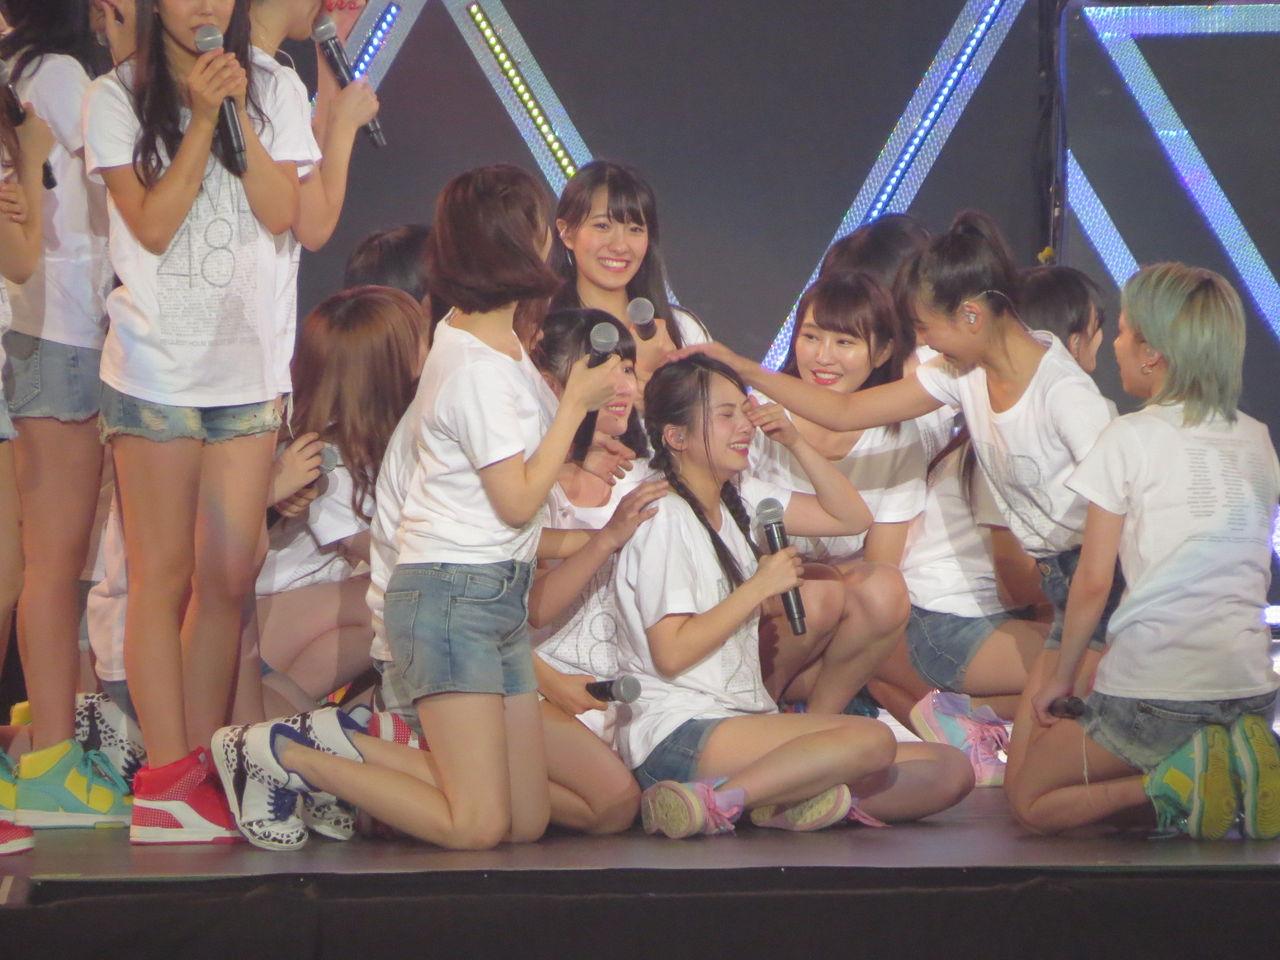 【NMB48リクアワ初日】堀詩音の昇格を発表!研究生公演も発表wwwwwwwww